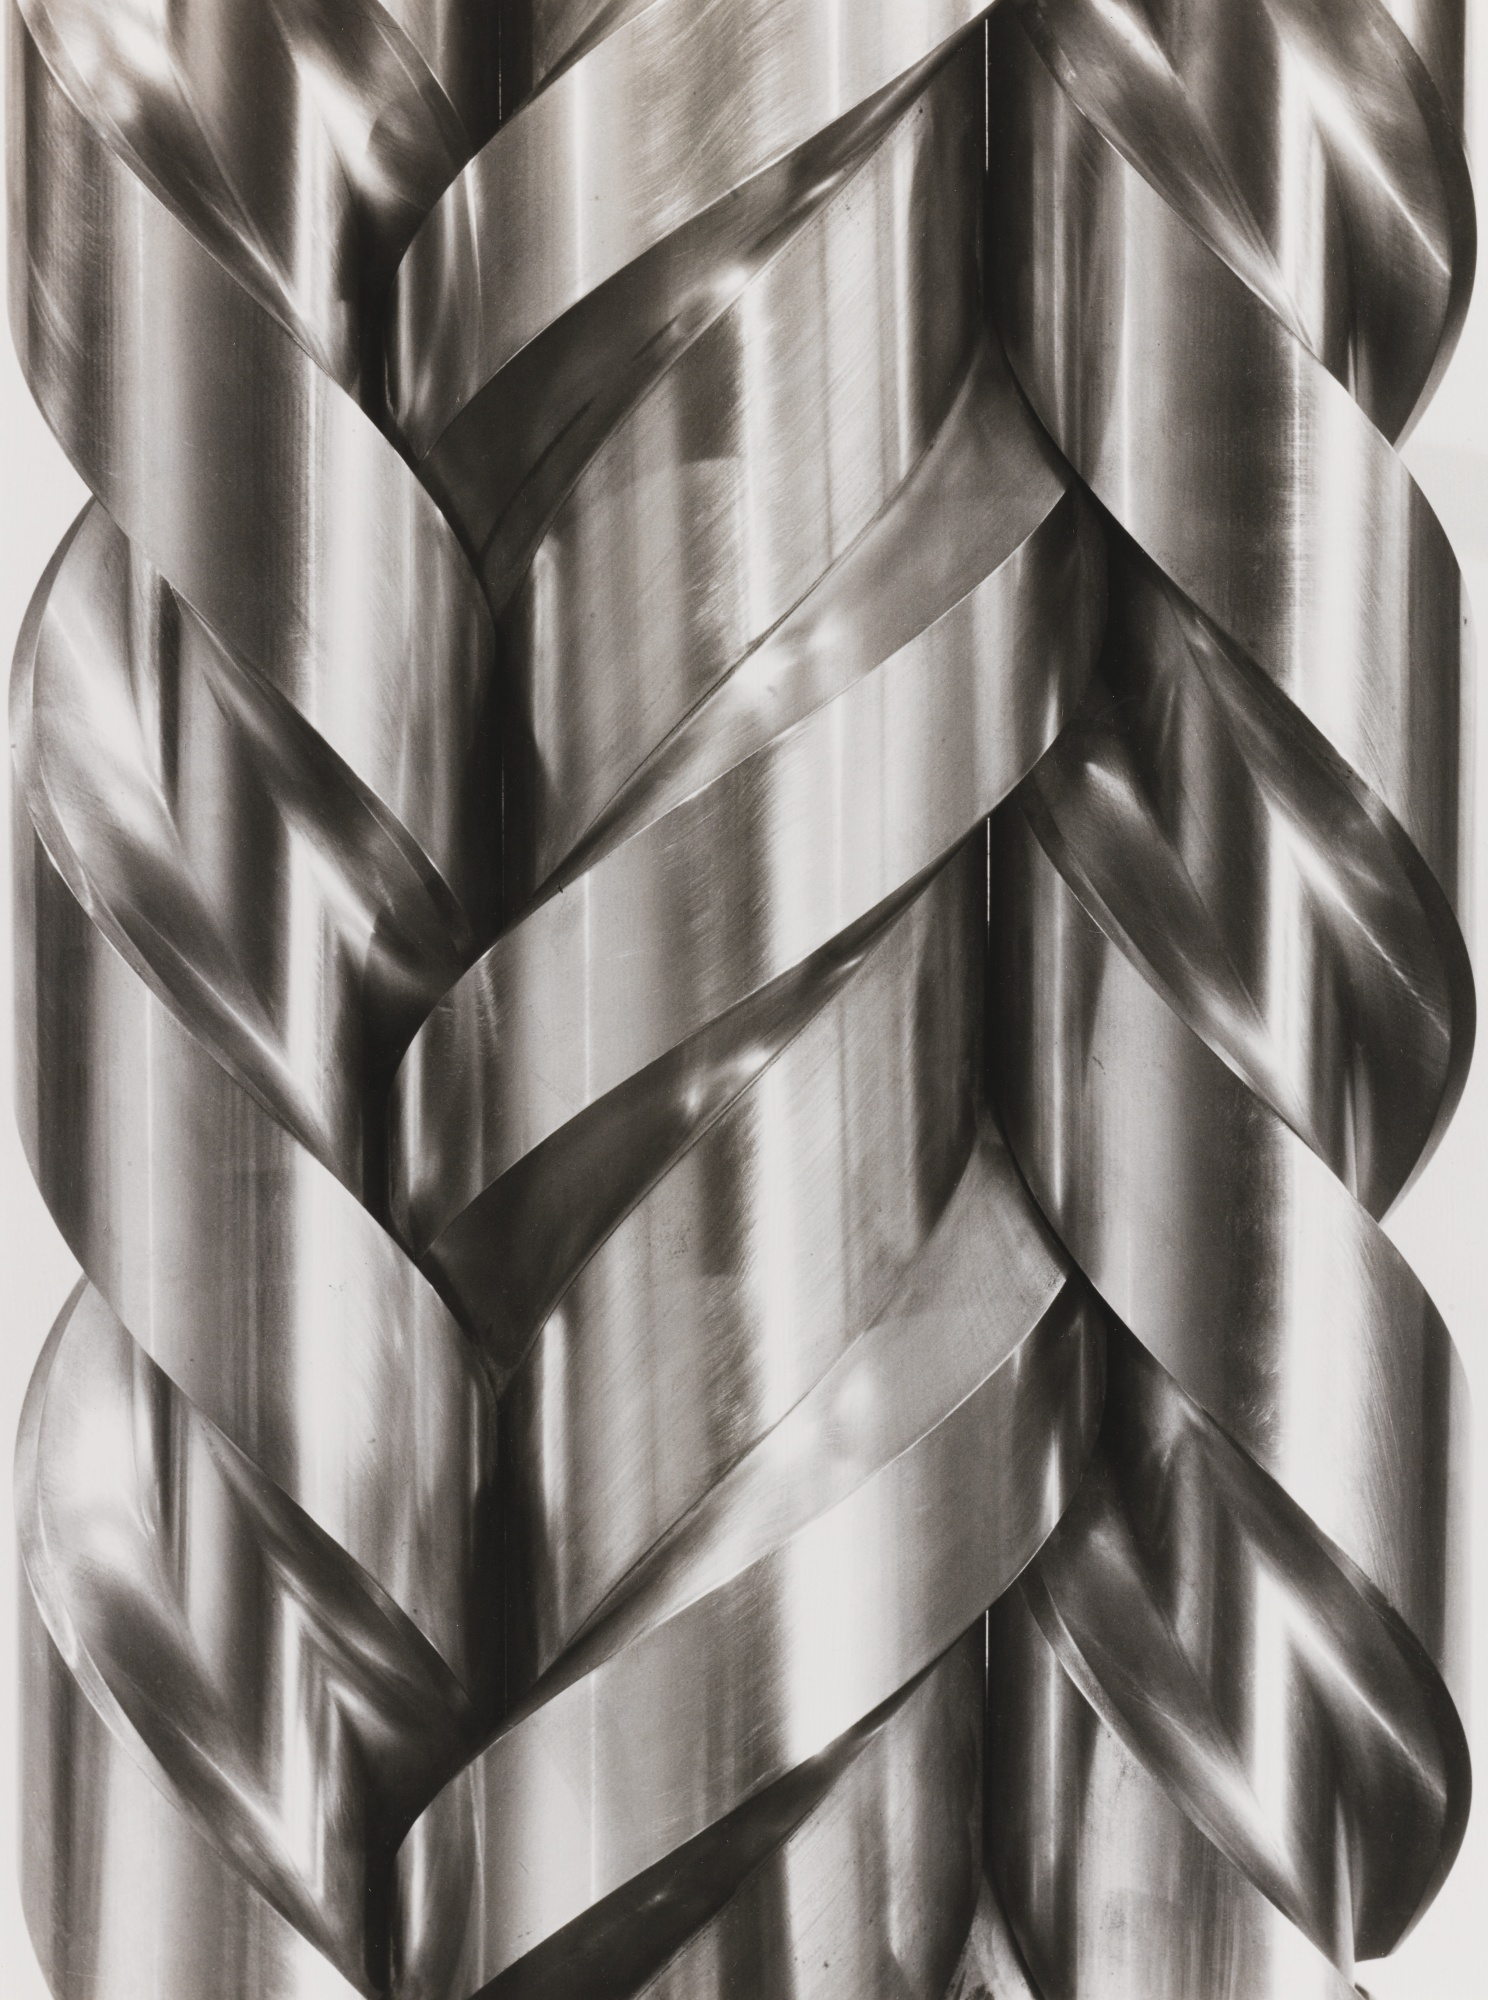 Peter Keetman-Schraubenpumpe (Drill Bit)-1960